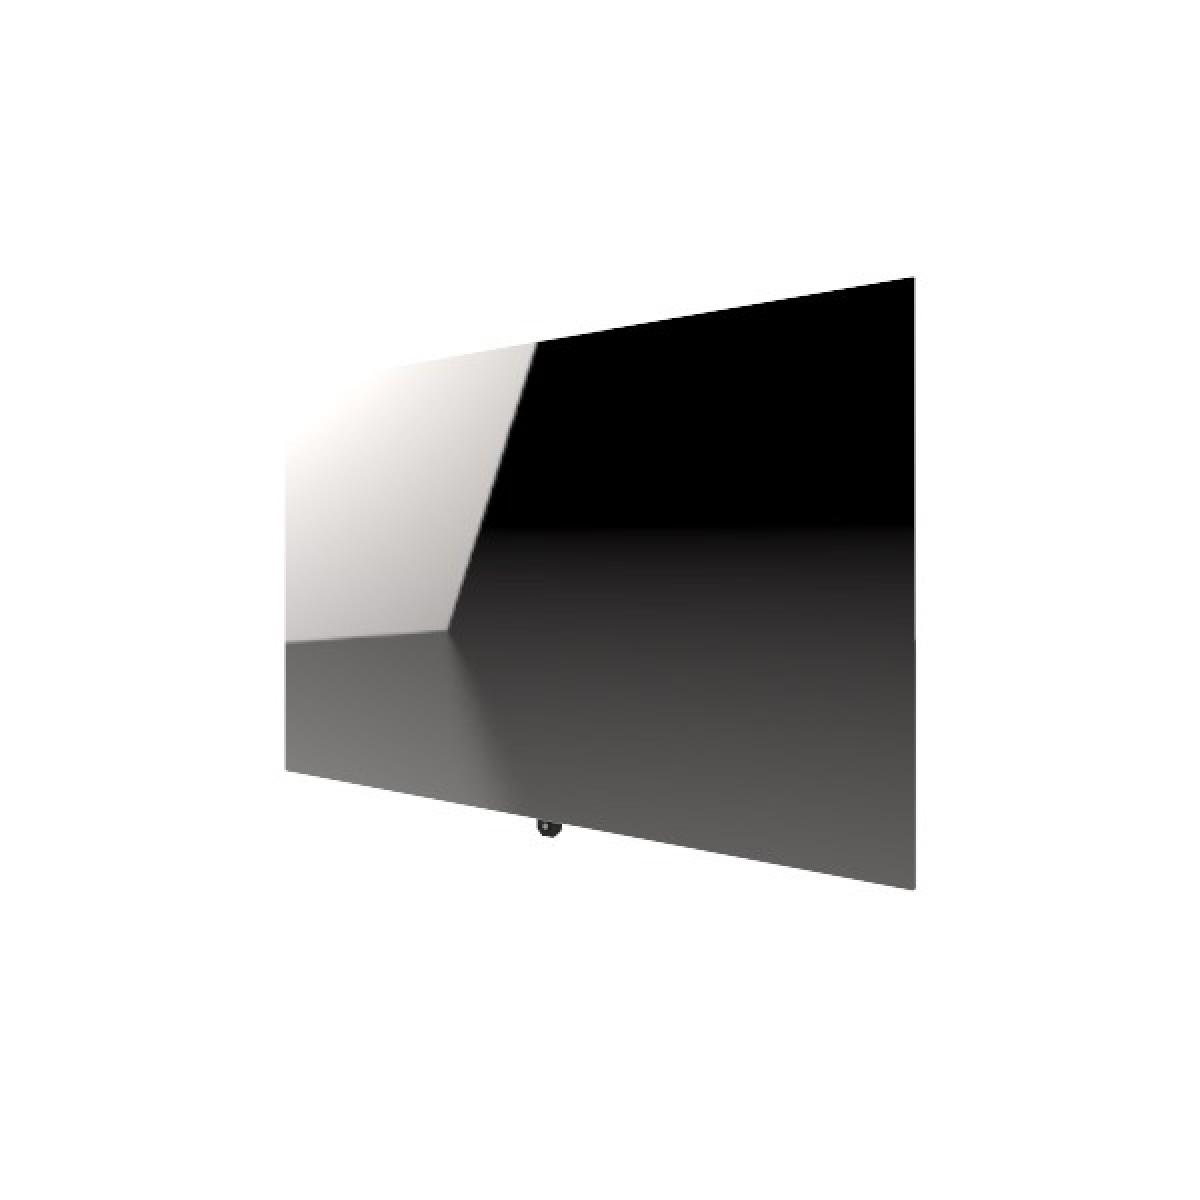 CAMPASTYLE GLACE 3.0 -  от Ел отопление